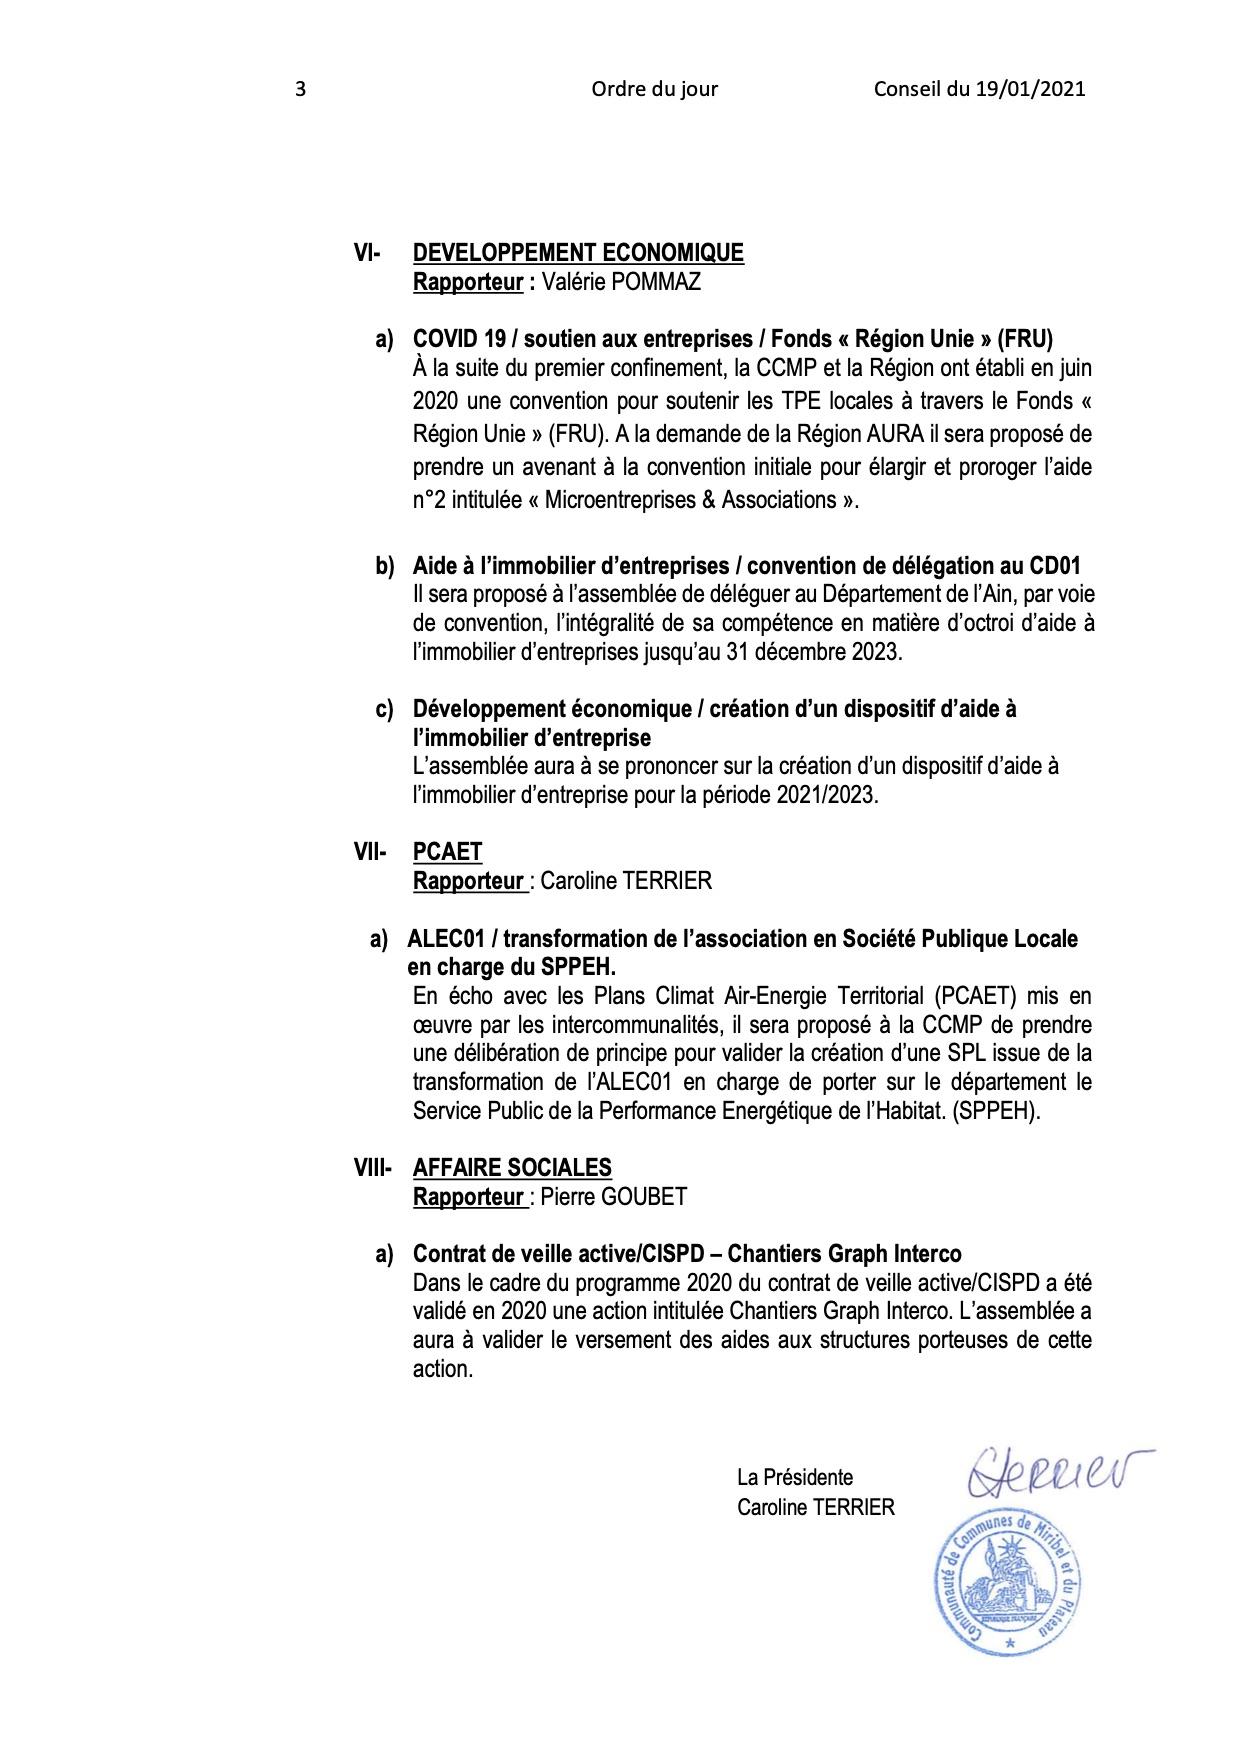 Ordre du jour du Conseil Communautaire (suite)